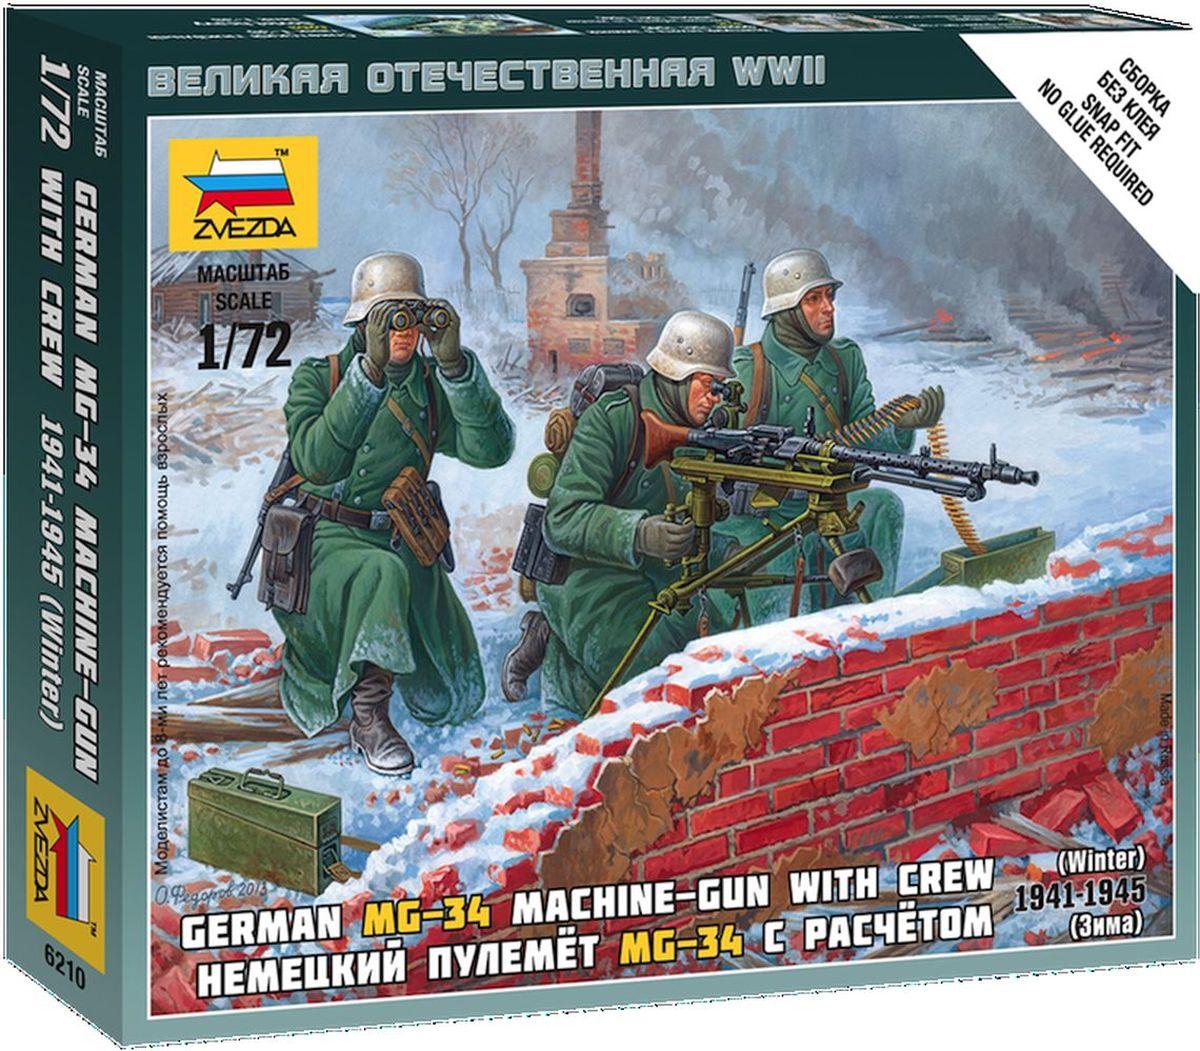 Звезда Сборная модель Немецкий пулемет MG-34 с расчетом 1941-1945 Зима